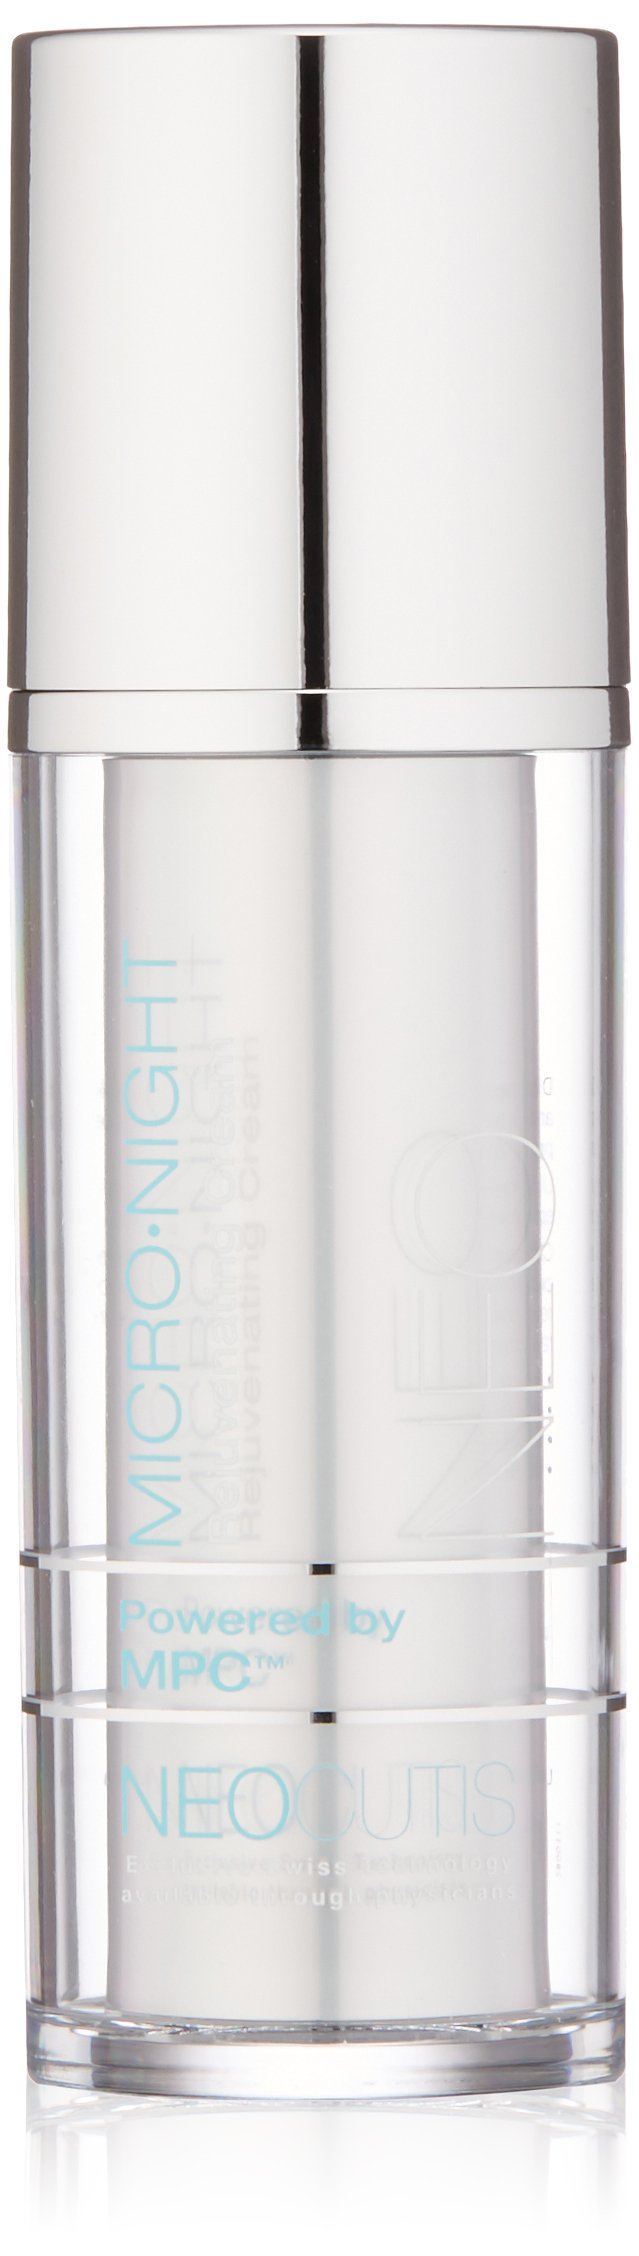 NEOCUTIS Micronight Rejuvenating Cream, 1 Fl Oz